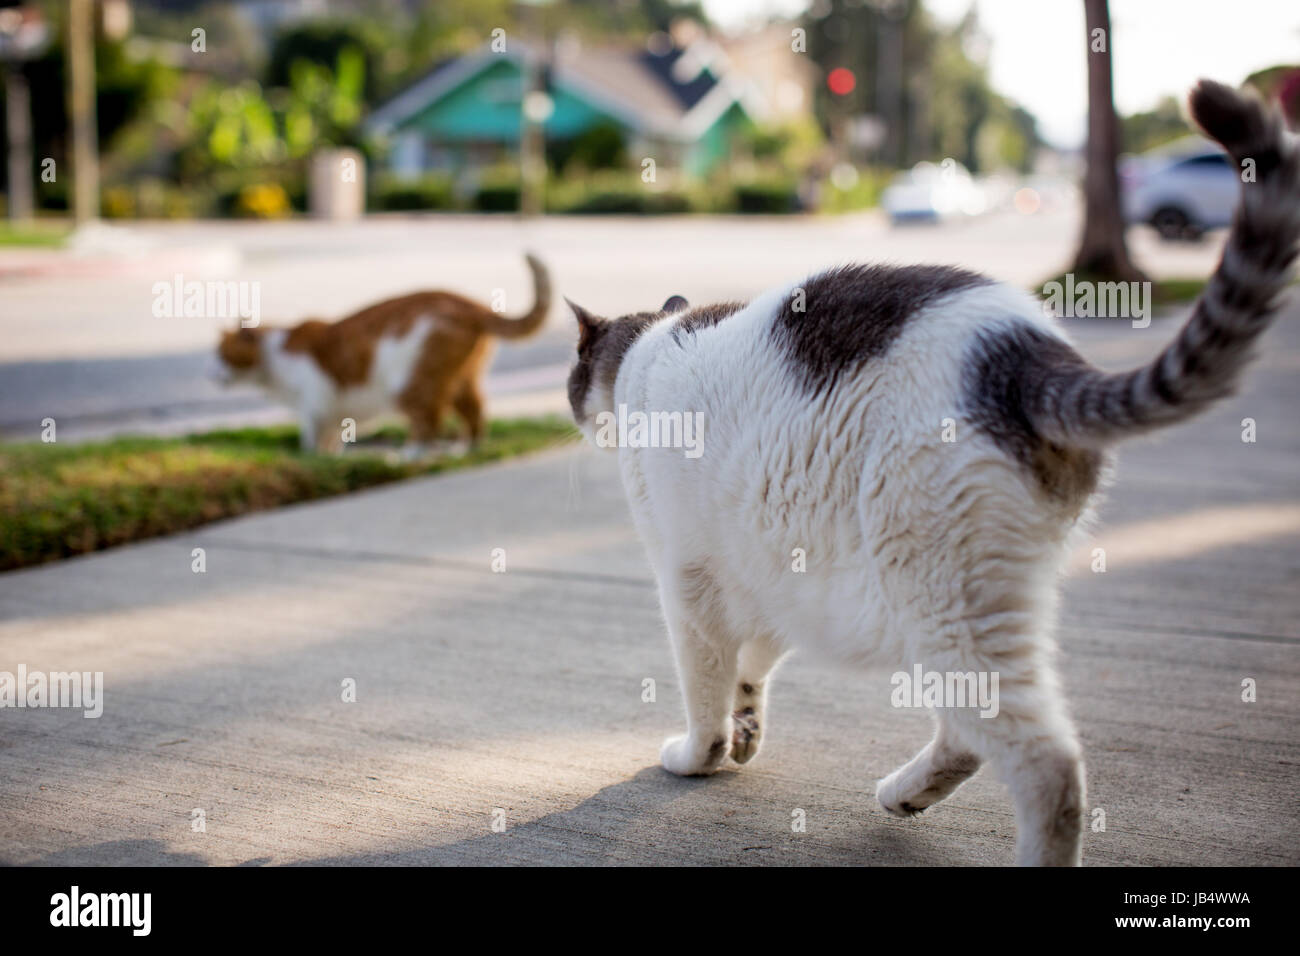 Dos gatos domésticos en una zona residencial, caminando hacia la calle, ambos con sus colas y curvo. Imagen De Stock